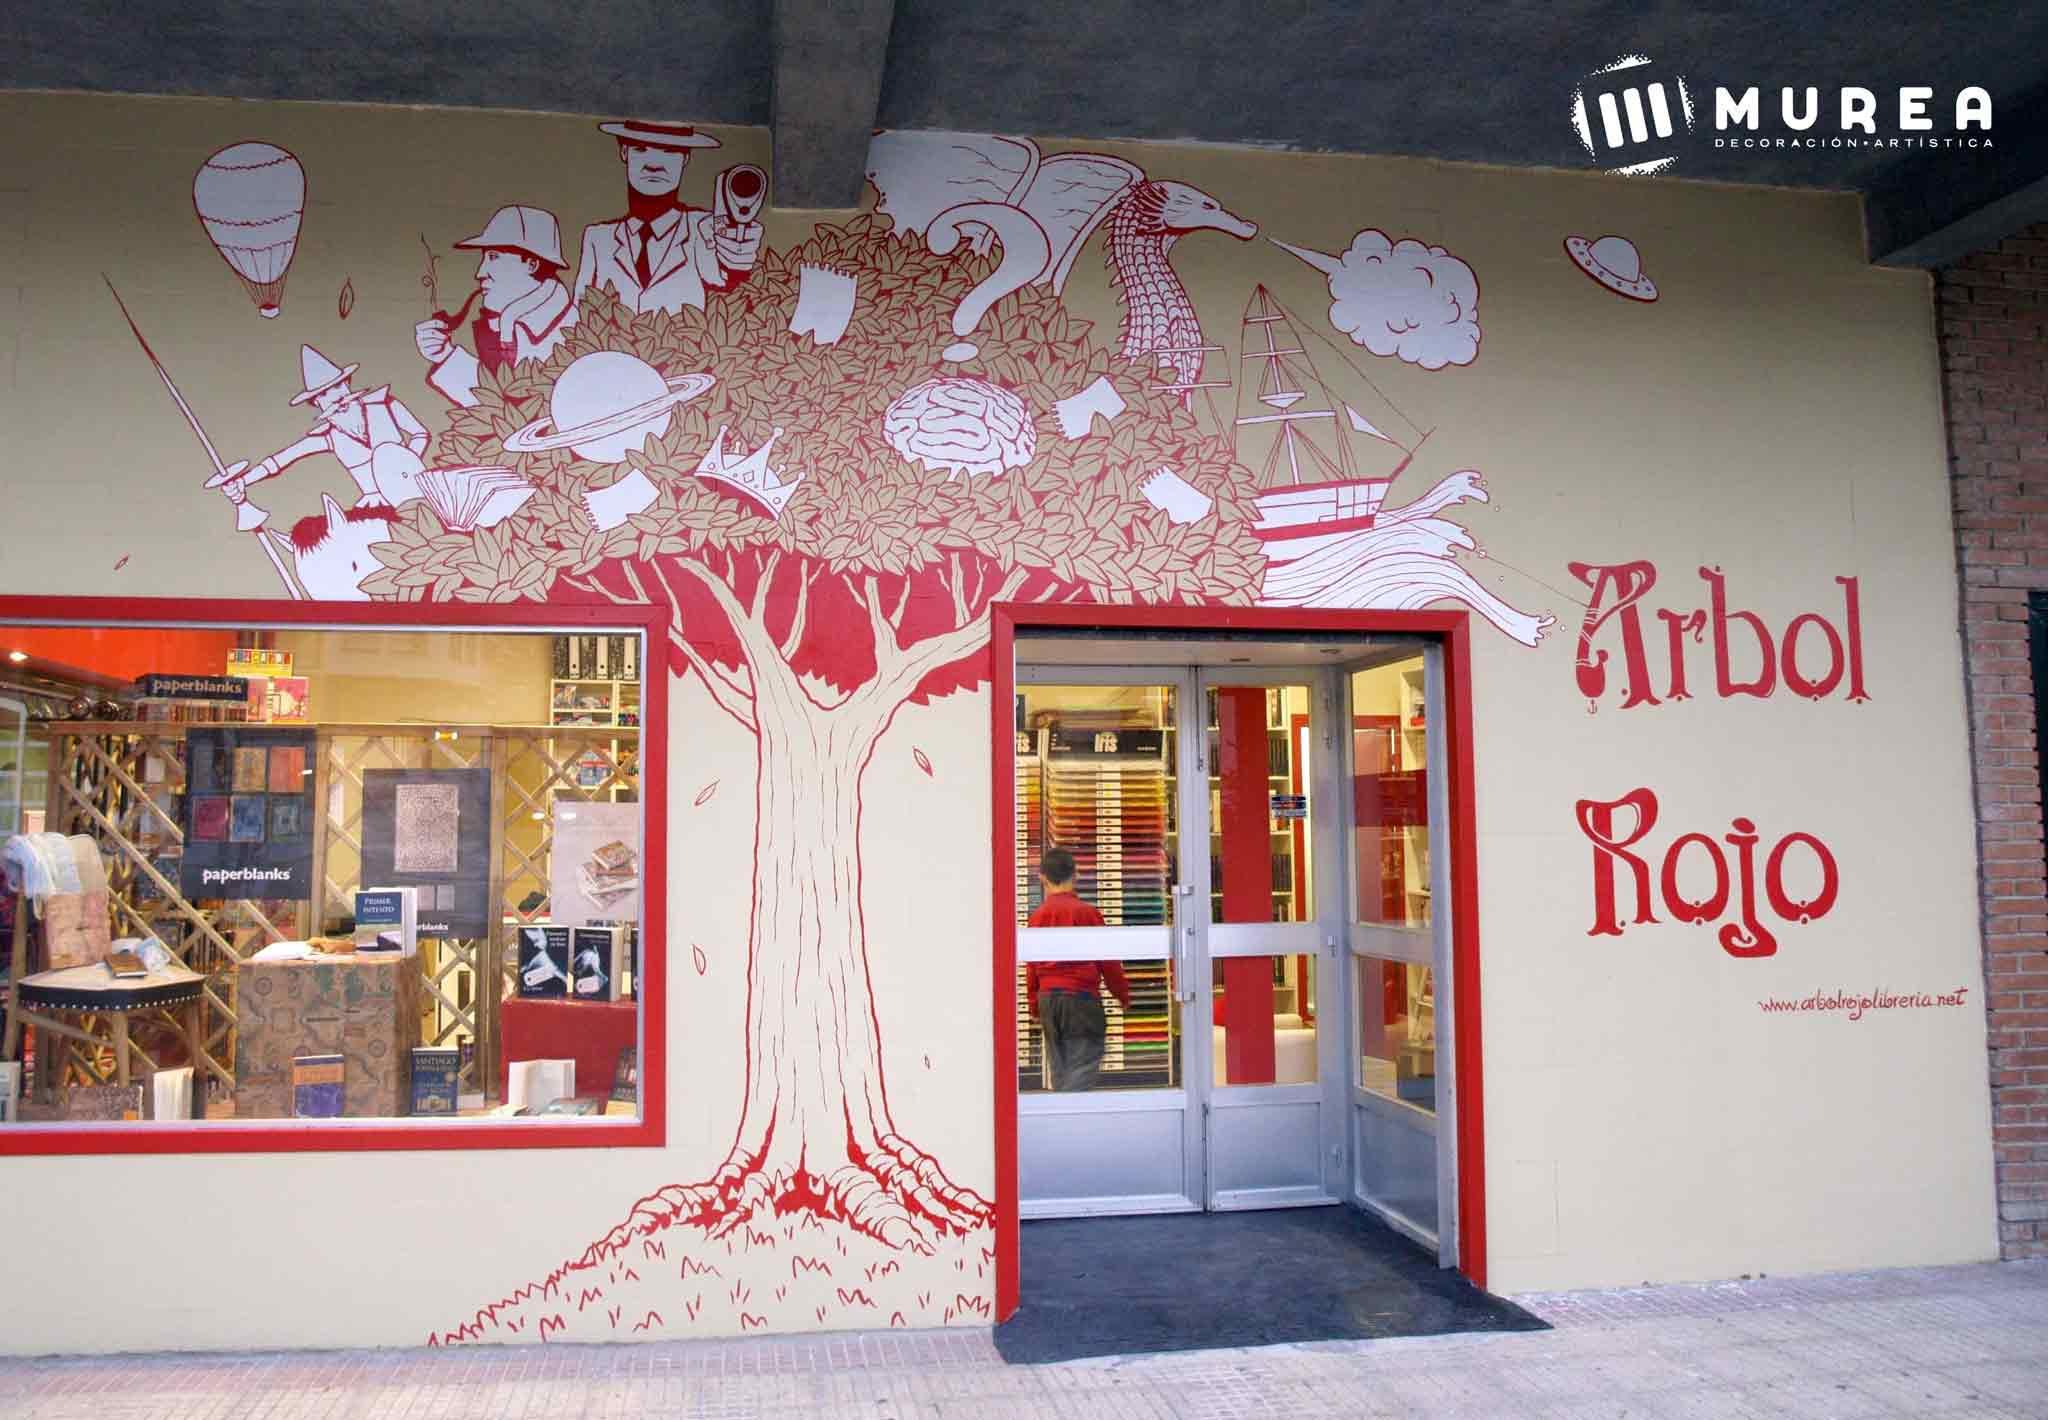 Negocios con fachadas creativas y atrayentes decoraci n - Decoracion navidena para comercios ...